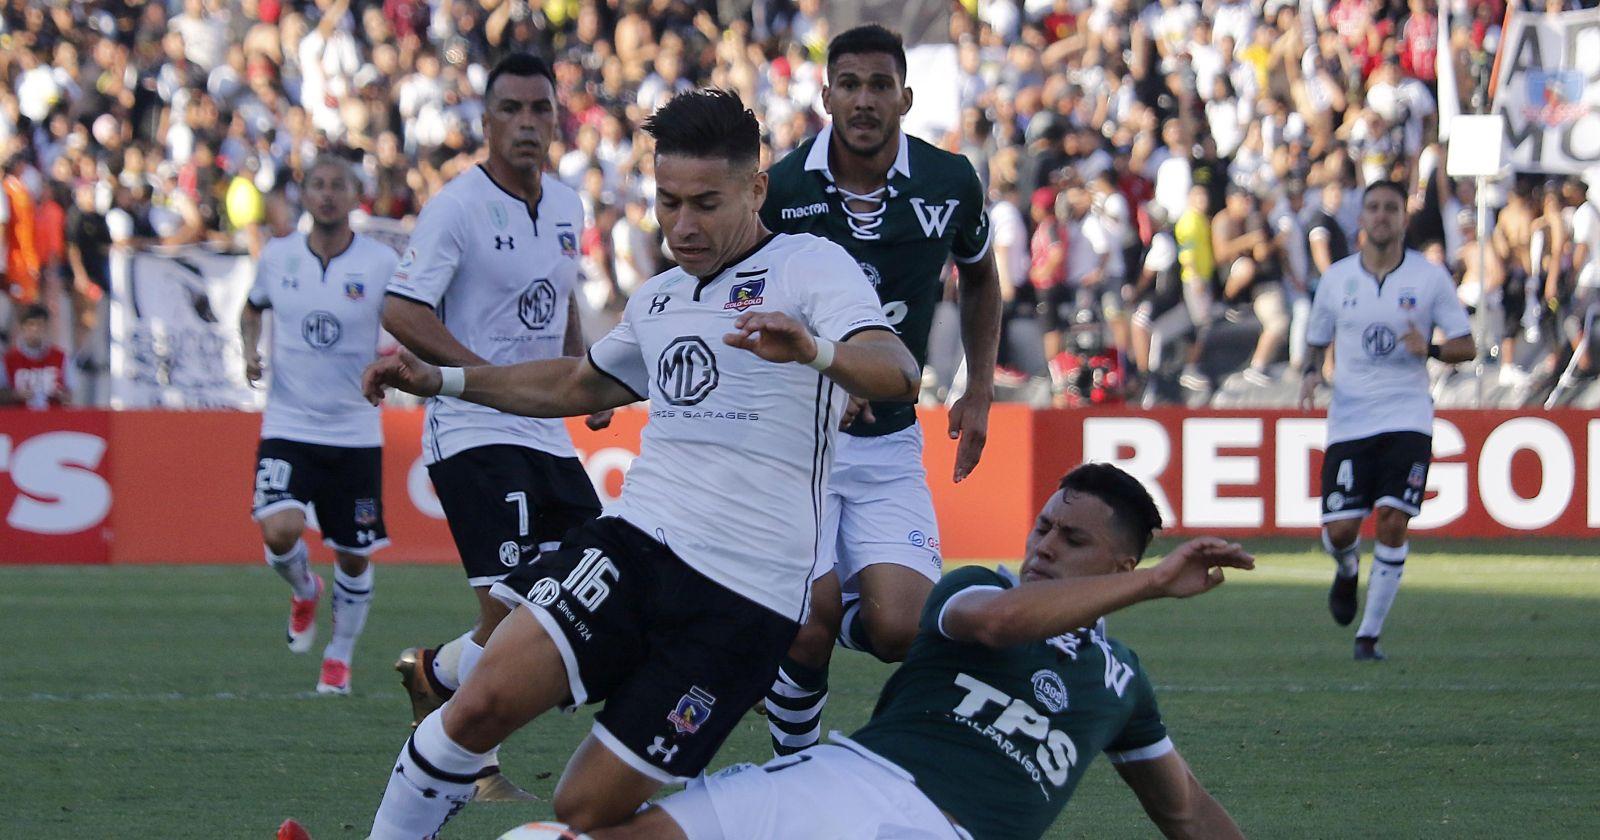 La programación completa del regreso del fútbol chileno